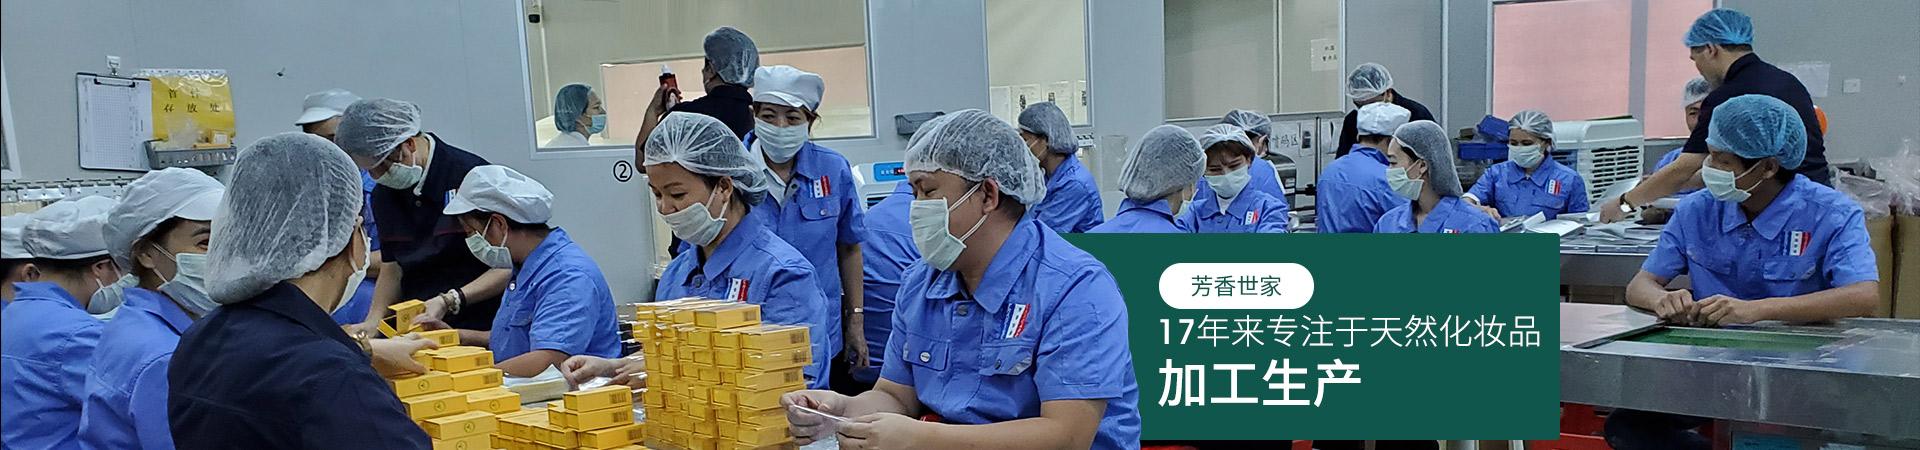 芳香世家-17年来专注于天然化妆品加工生产